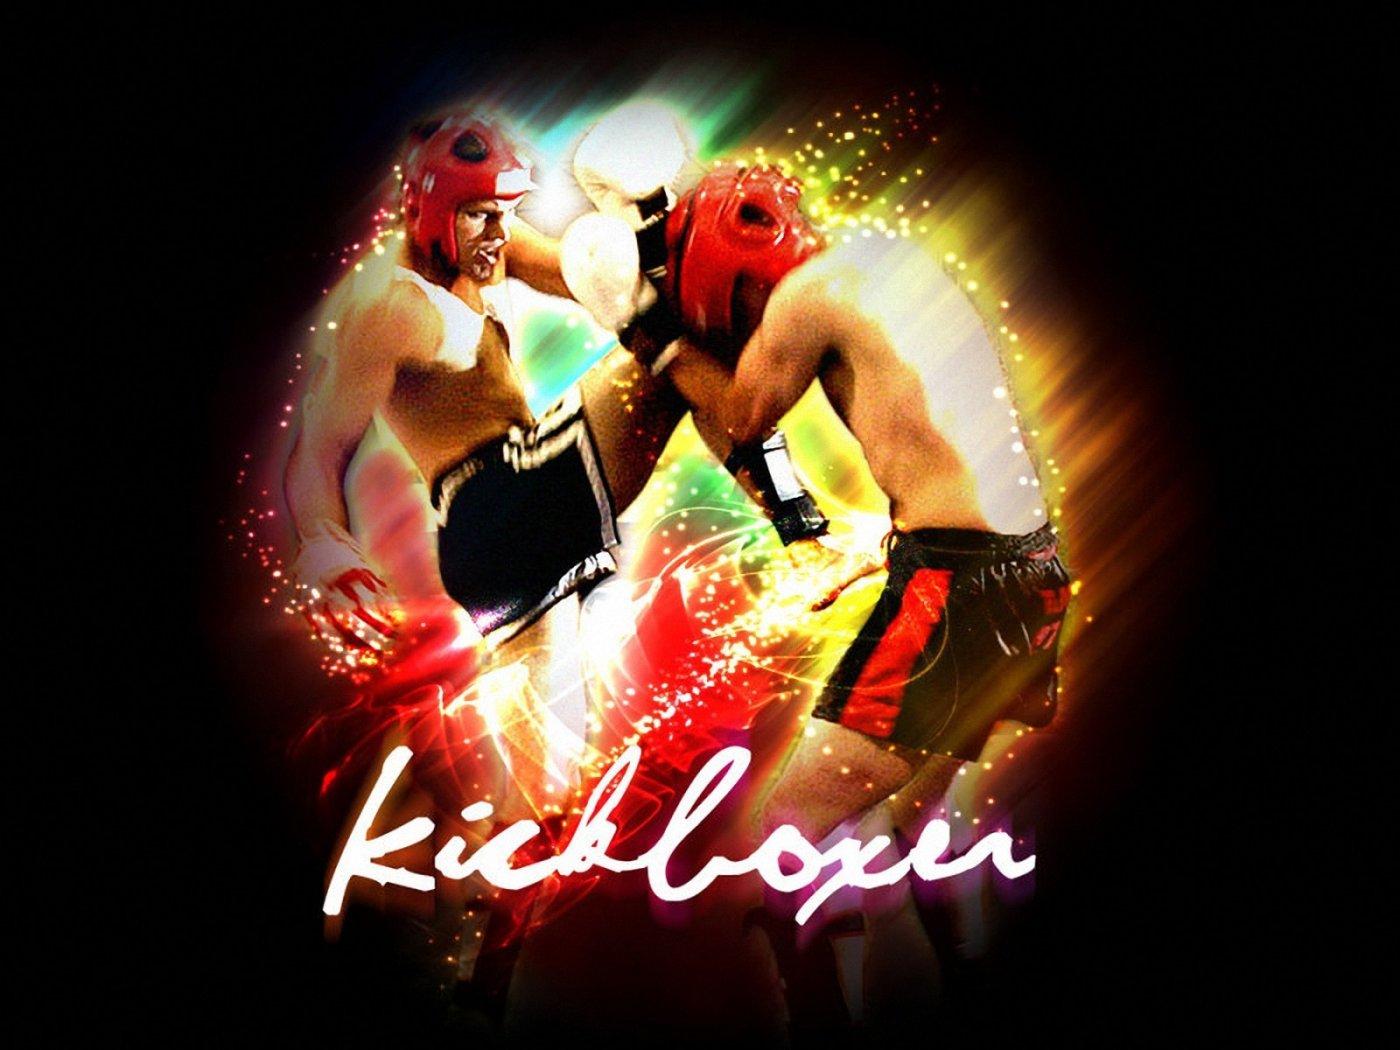 download kickboxer wallpaper 1400x1050 Wallpapers 1400x1050 1400x1050